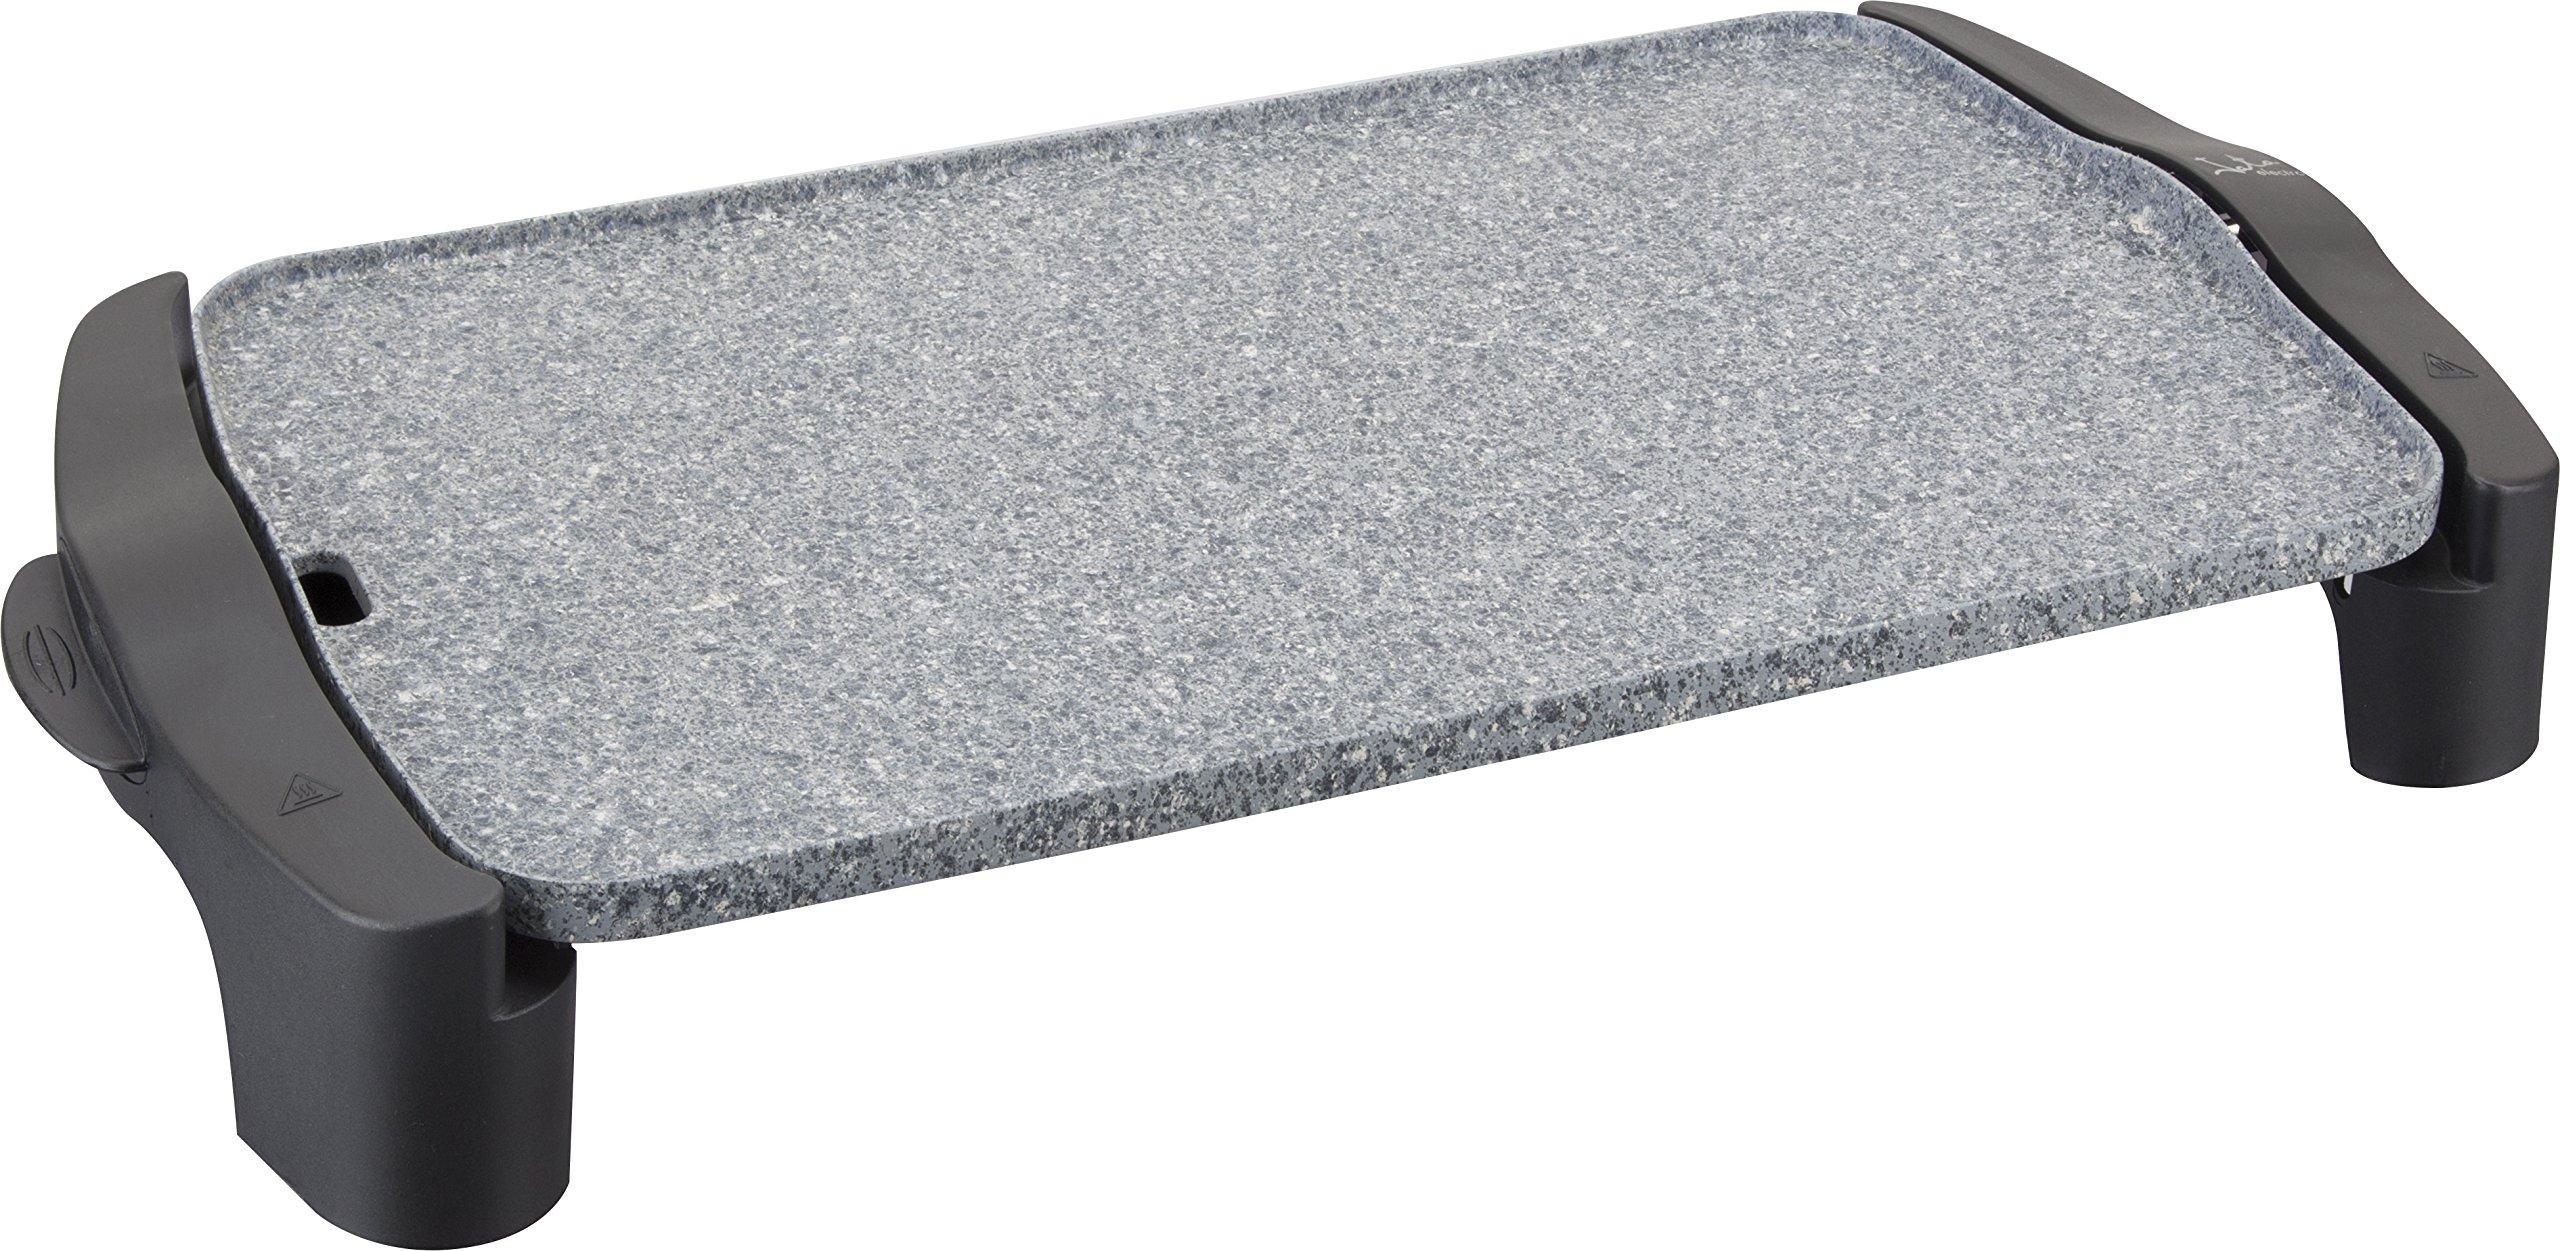 Jata Plancha de asar GR558 –  2,500 W de potencia, Medidas: 46 x 28 cm, Muy resistente al rayado y antiadherente, Libre de PFOA, Fabricada en España, Fácil limpieza